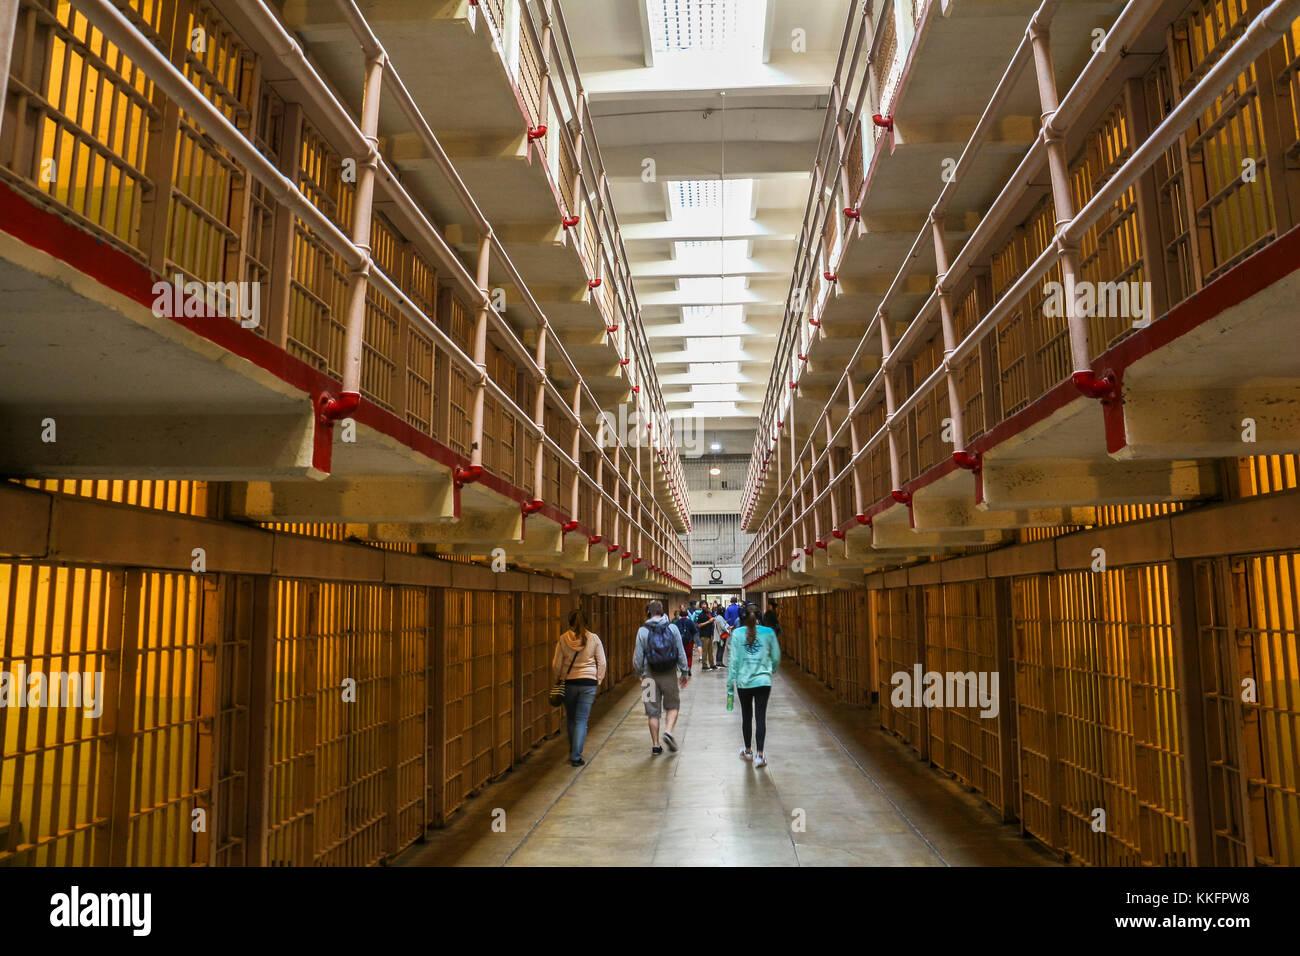 Inside the prison of Alcatraz in San Francisco Stock Photo